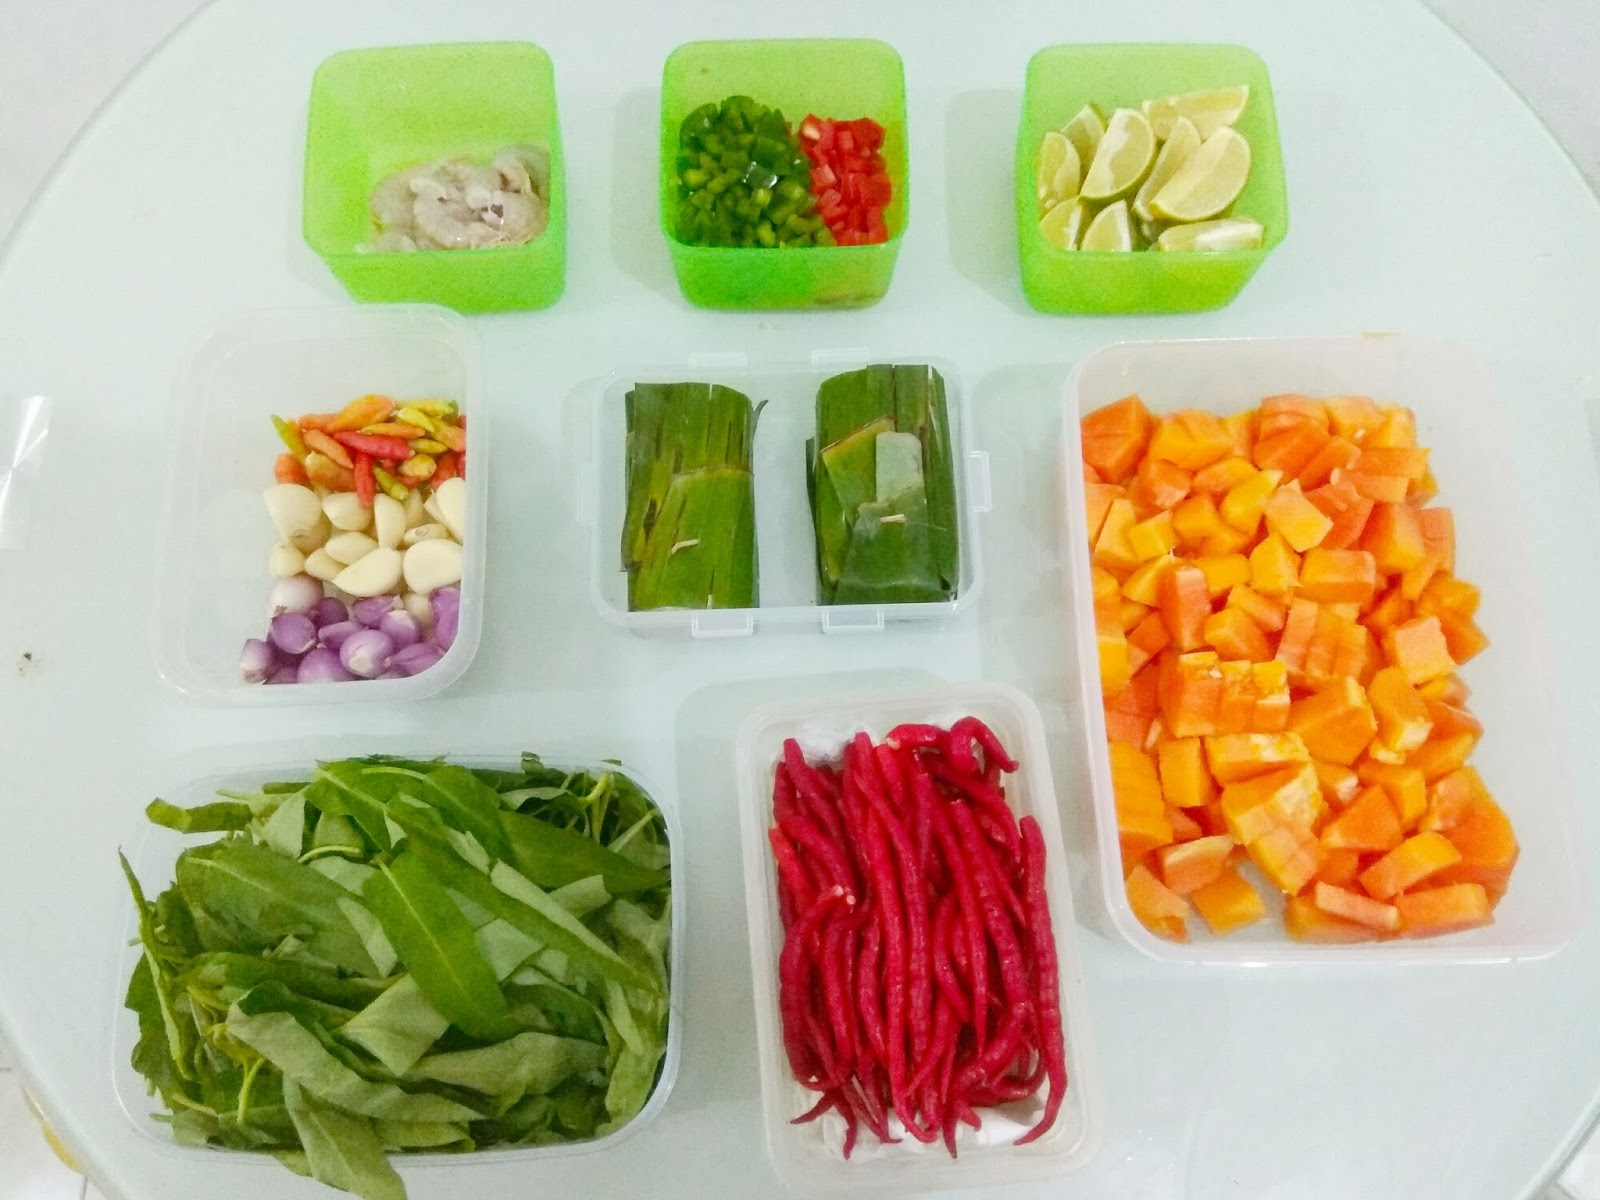 Aplikasi Penghitung Kalori yang Bisa Membantu Mendapatkan Tubuh Idealmu